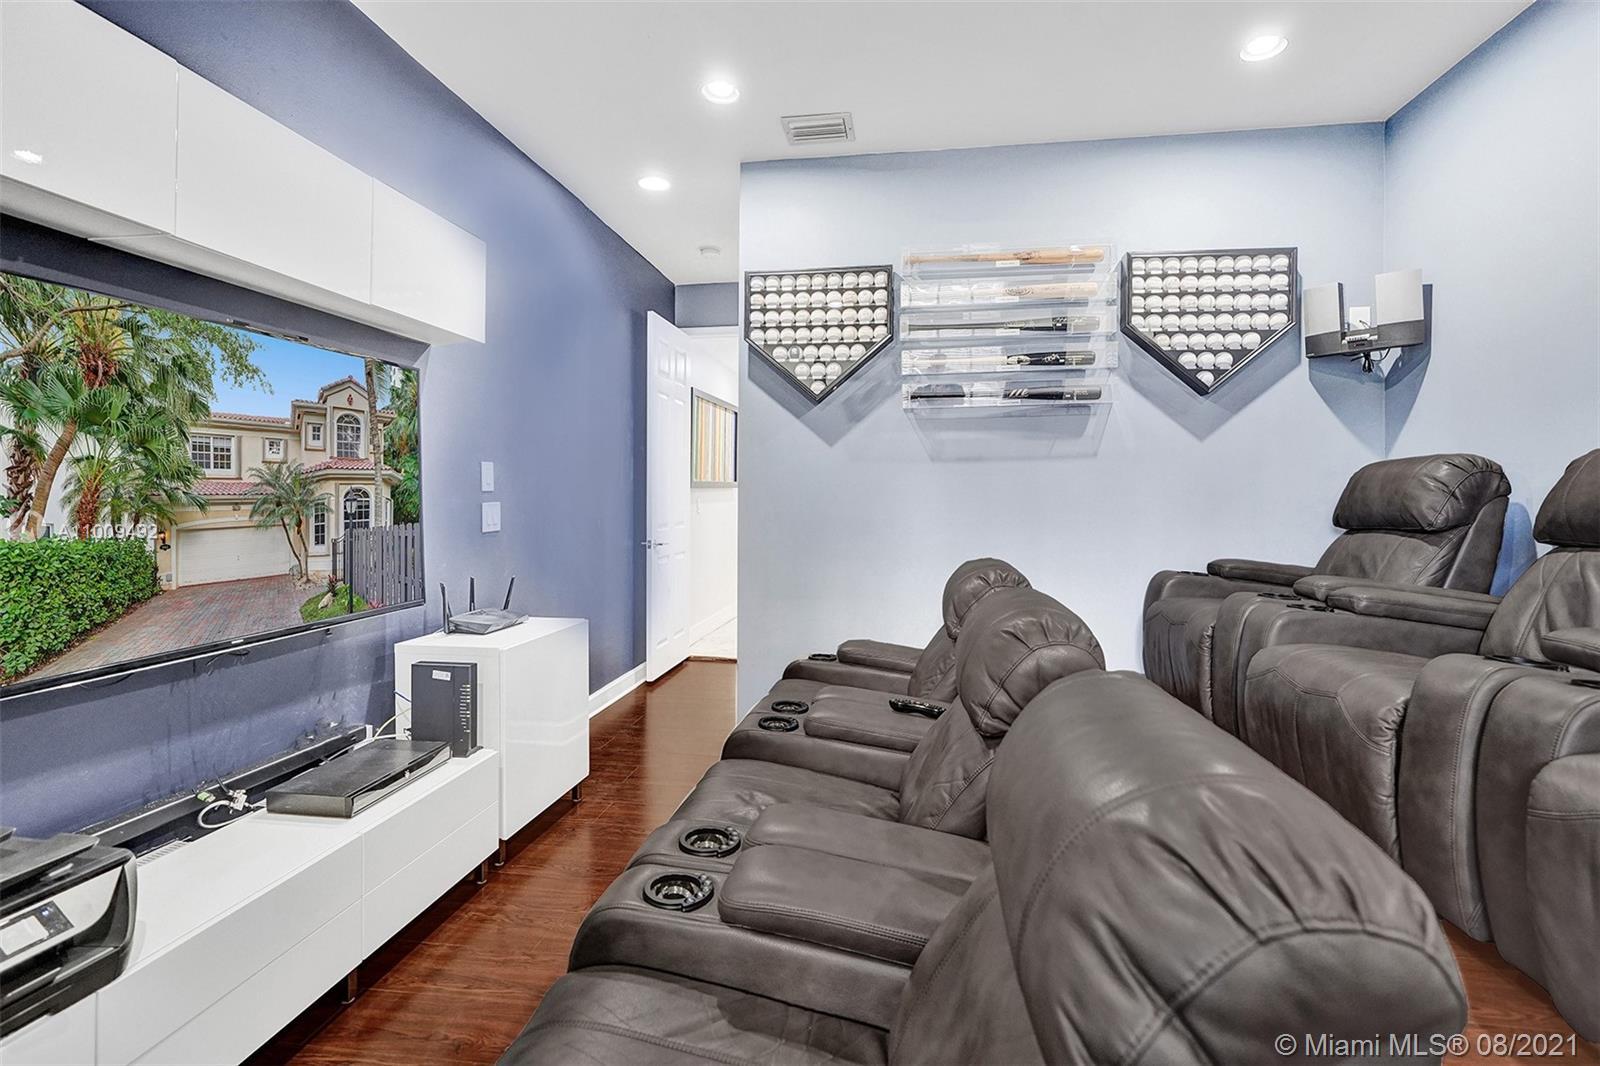 Bedroom 5/ Media - Downstairs